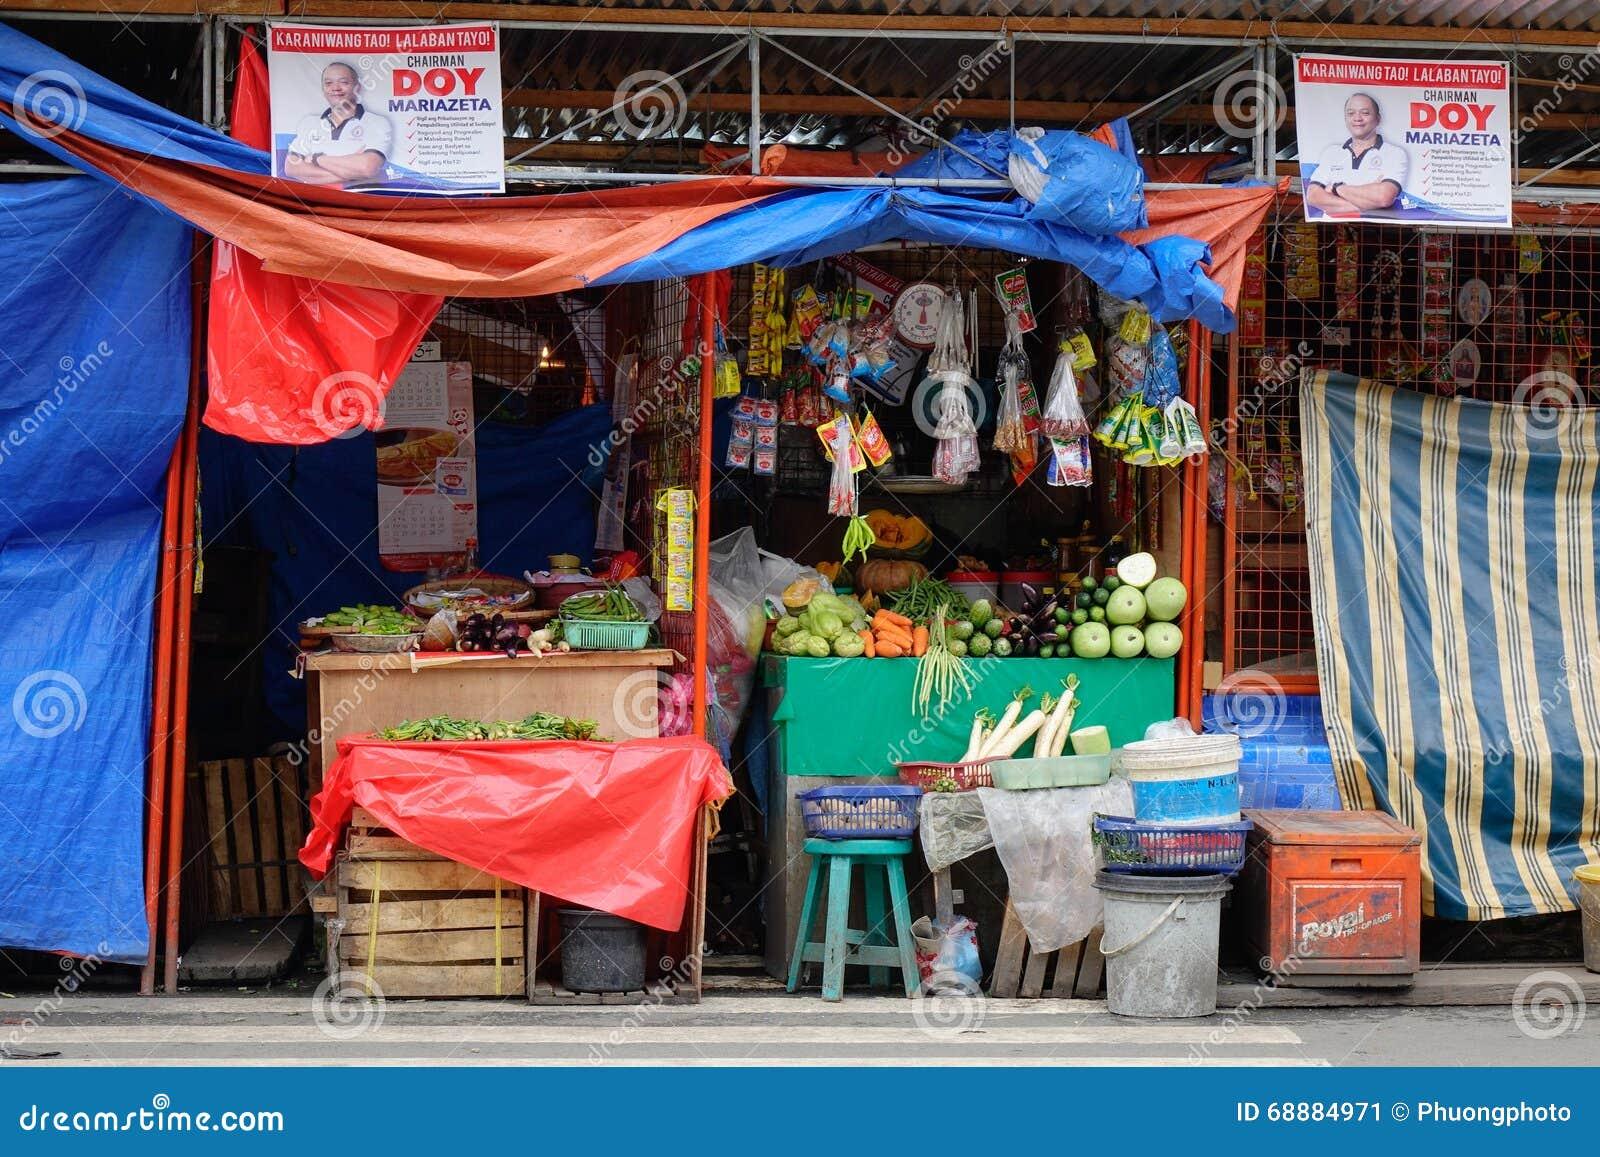 Straßenleben in Manila, Philippinen